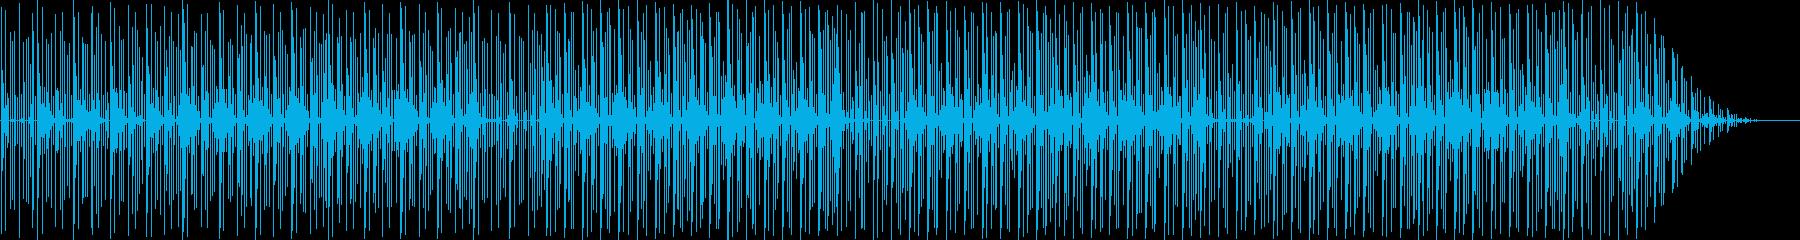 bgm46の再生済みの波形